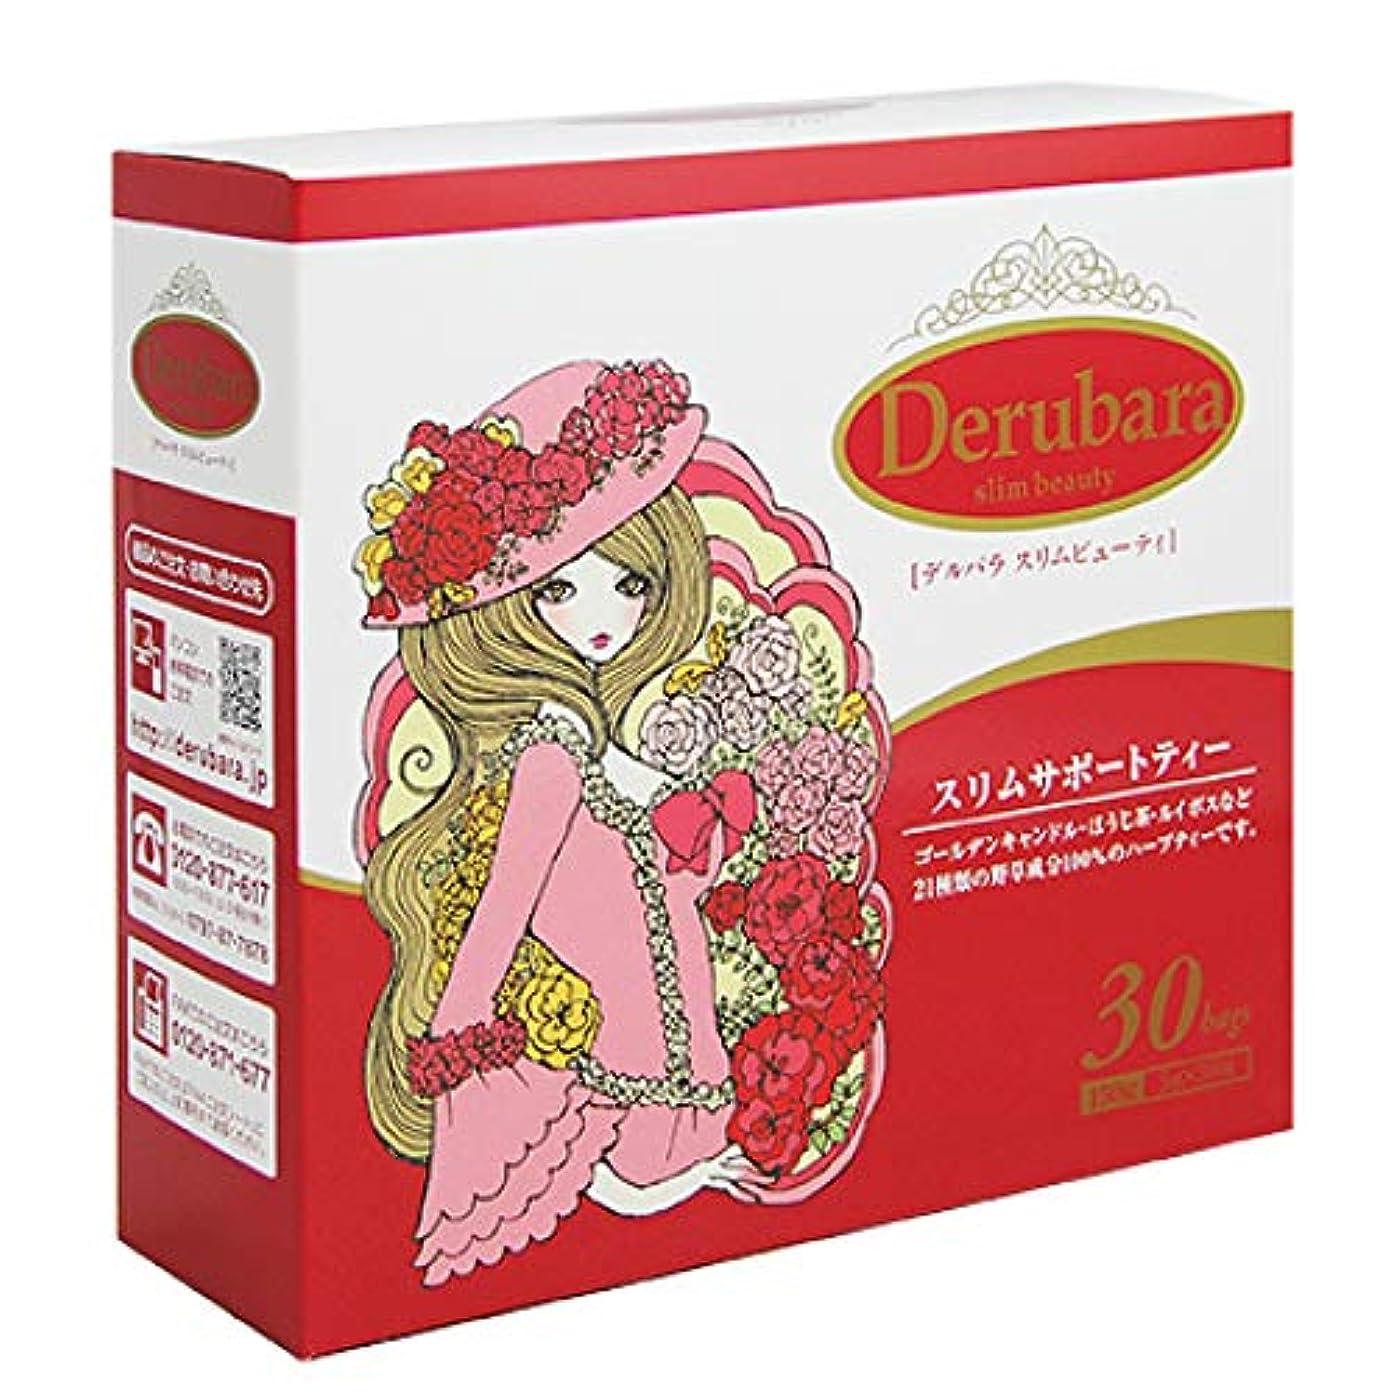 同一の順番正確デルバラスリムビューティ 1箱 (1包5g×30包入)朝スッキリ! キャンドルブッシュ お茶